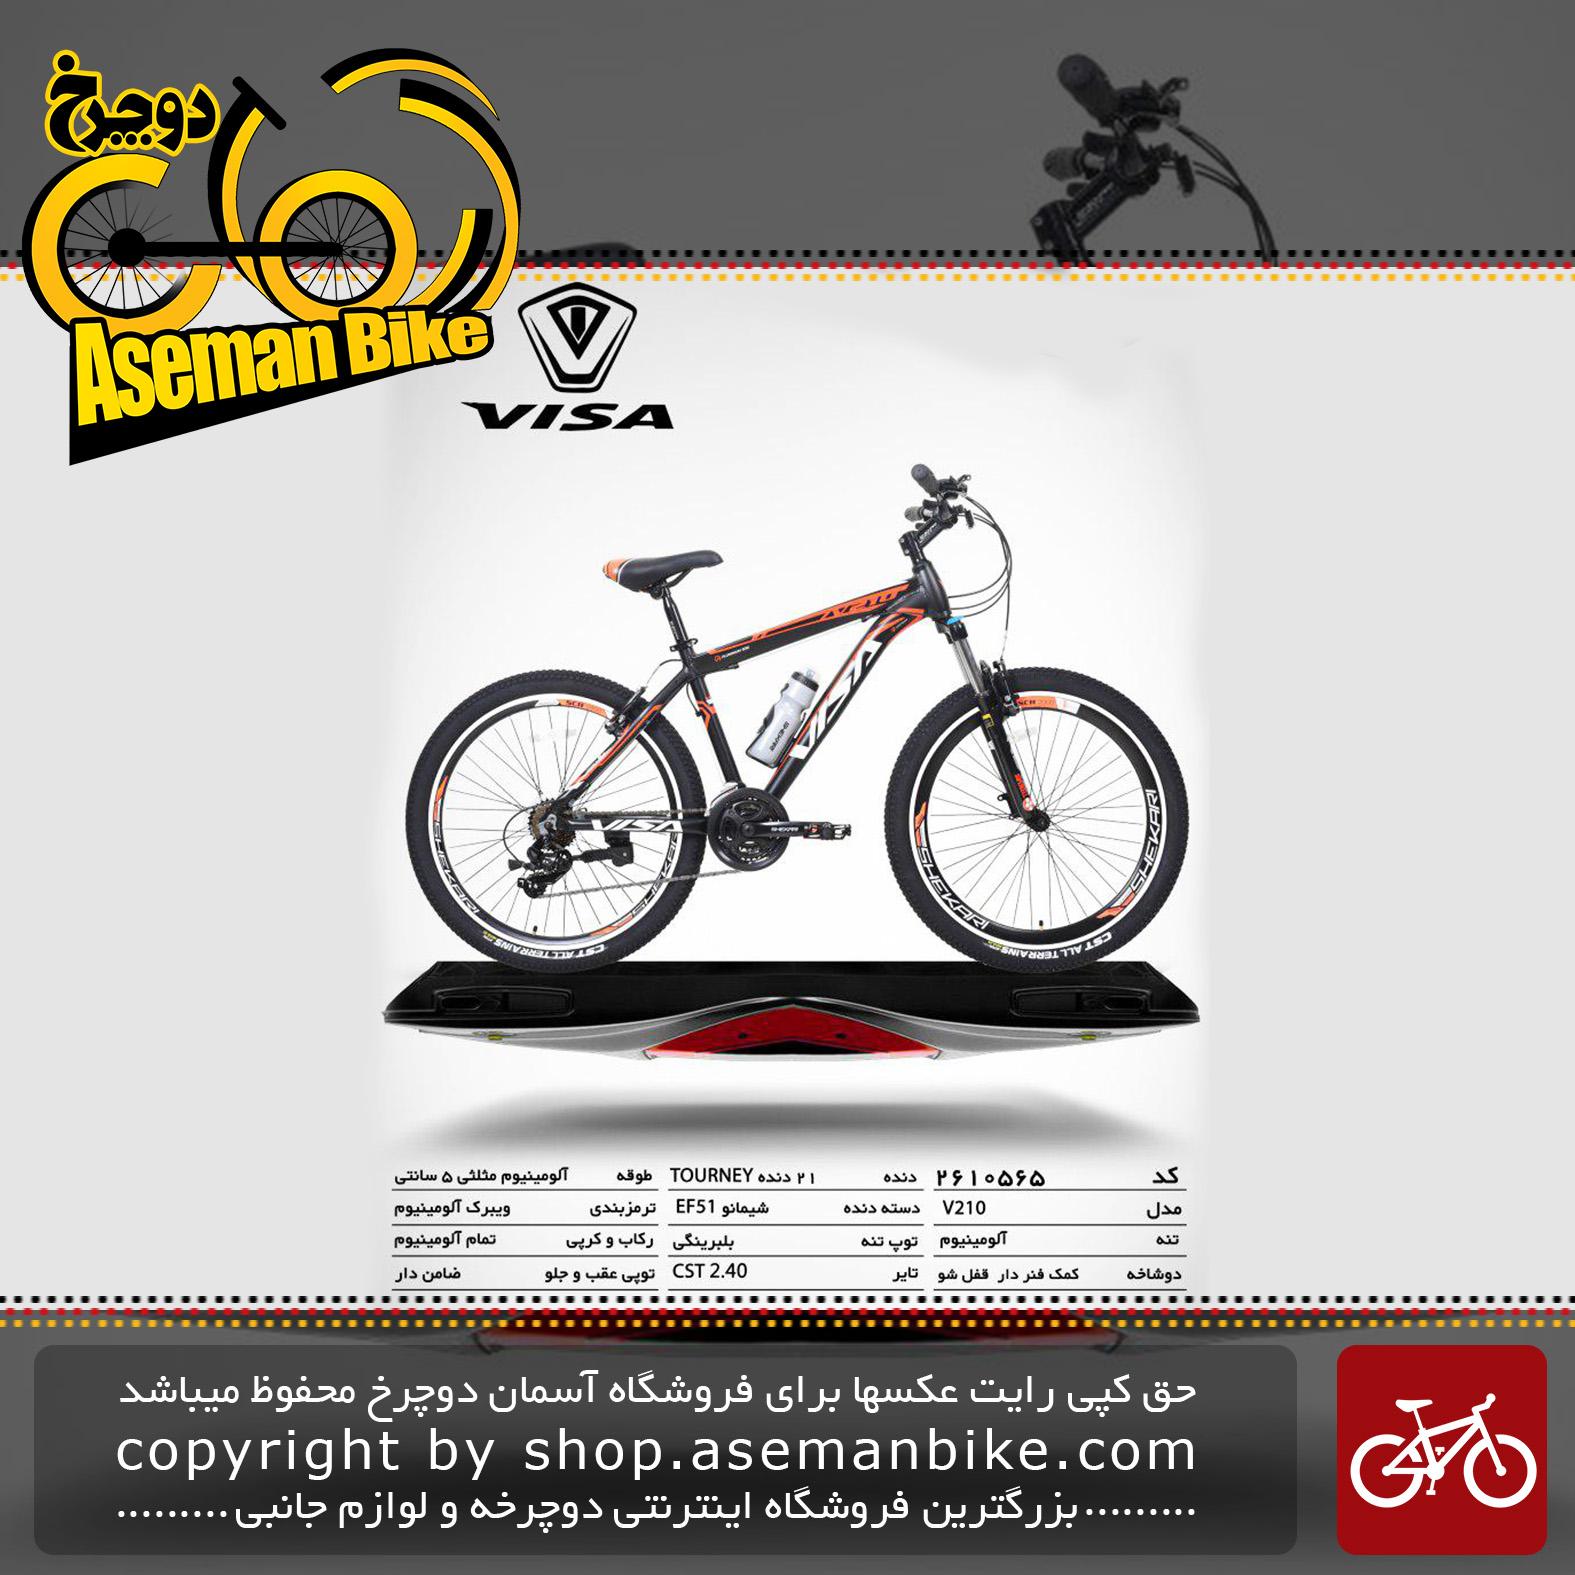 دوچرخه کوهستان ویزا21 دنده شیمانو تورنی تنه آلومینیوم سایز26مدل وی210 visa bicycle 26 21 speed shimano tourney tz aluminum vb v210 2019